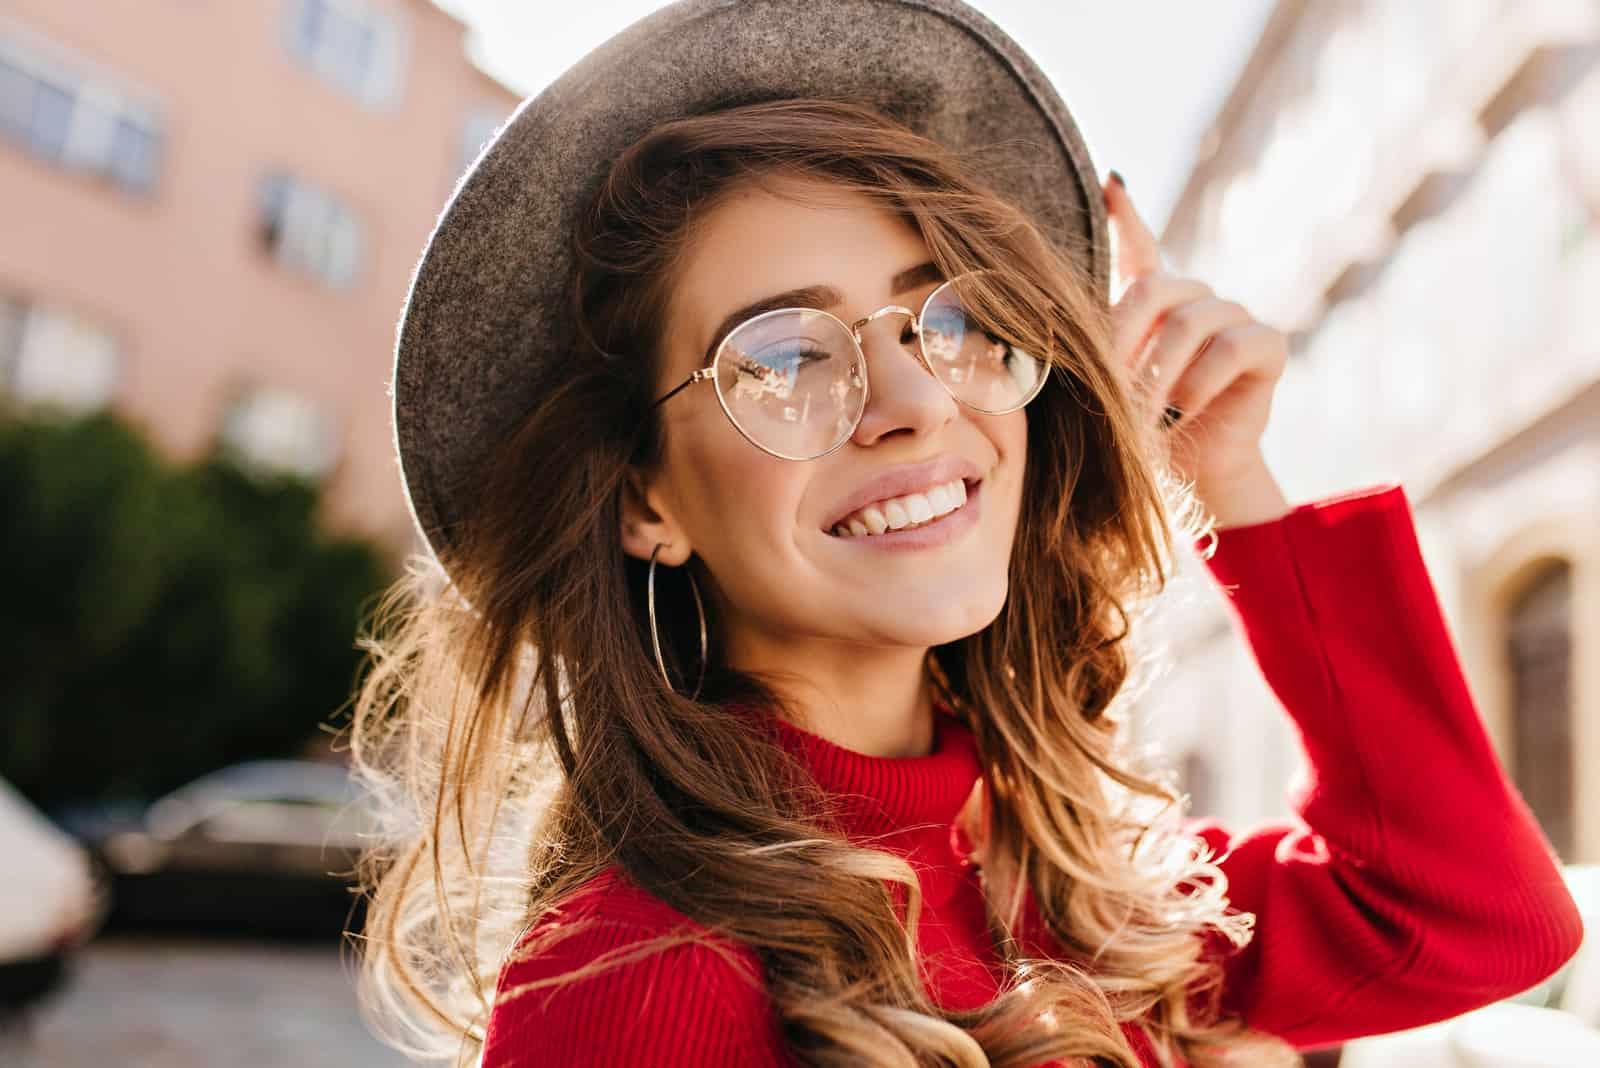 une femme avec des lunettes et un chapeau sur la tête